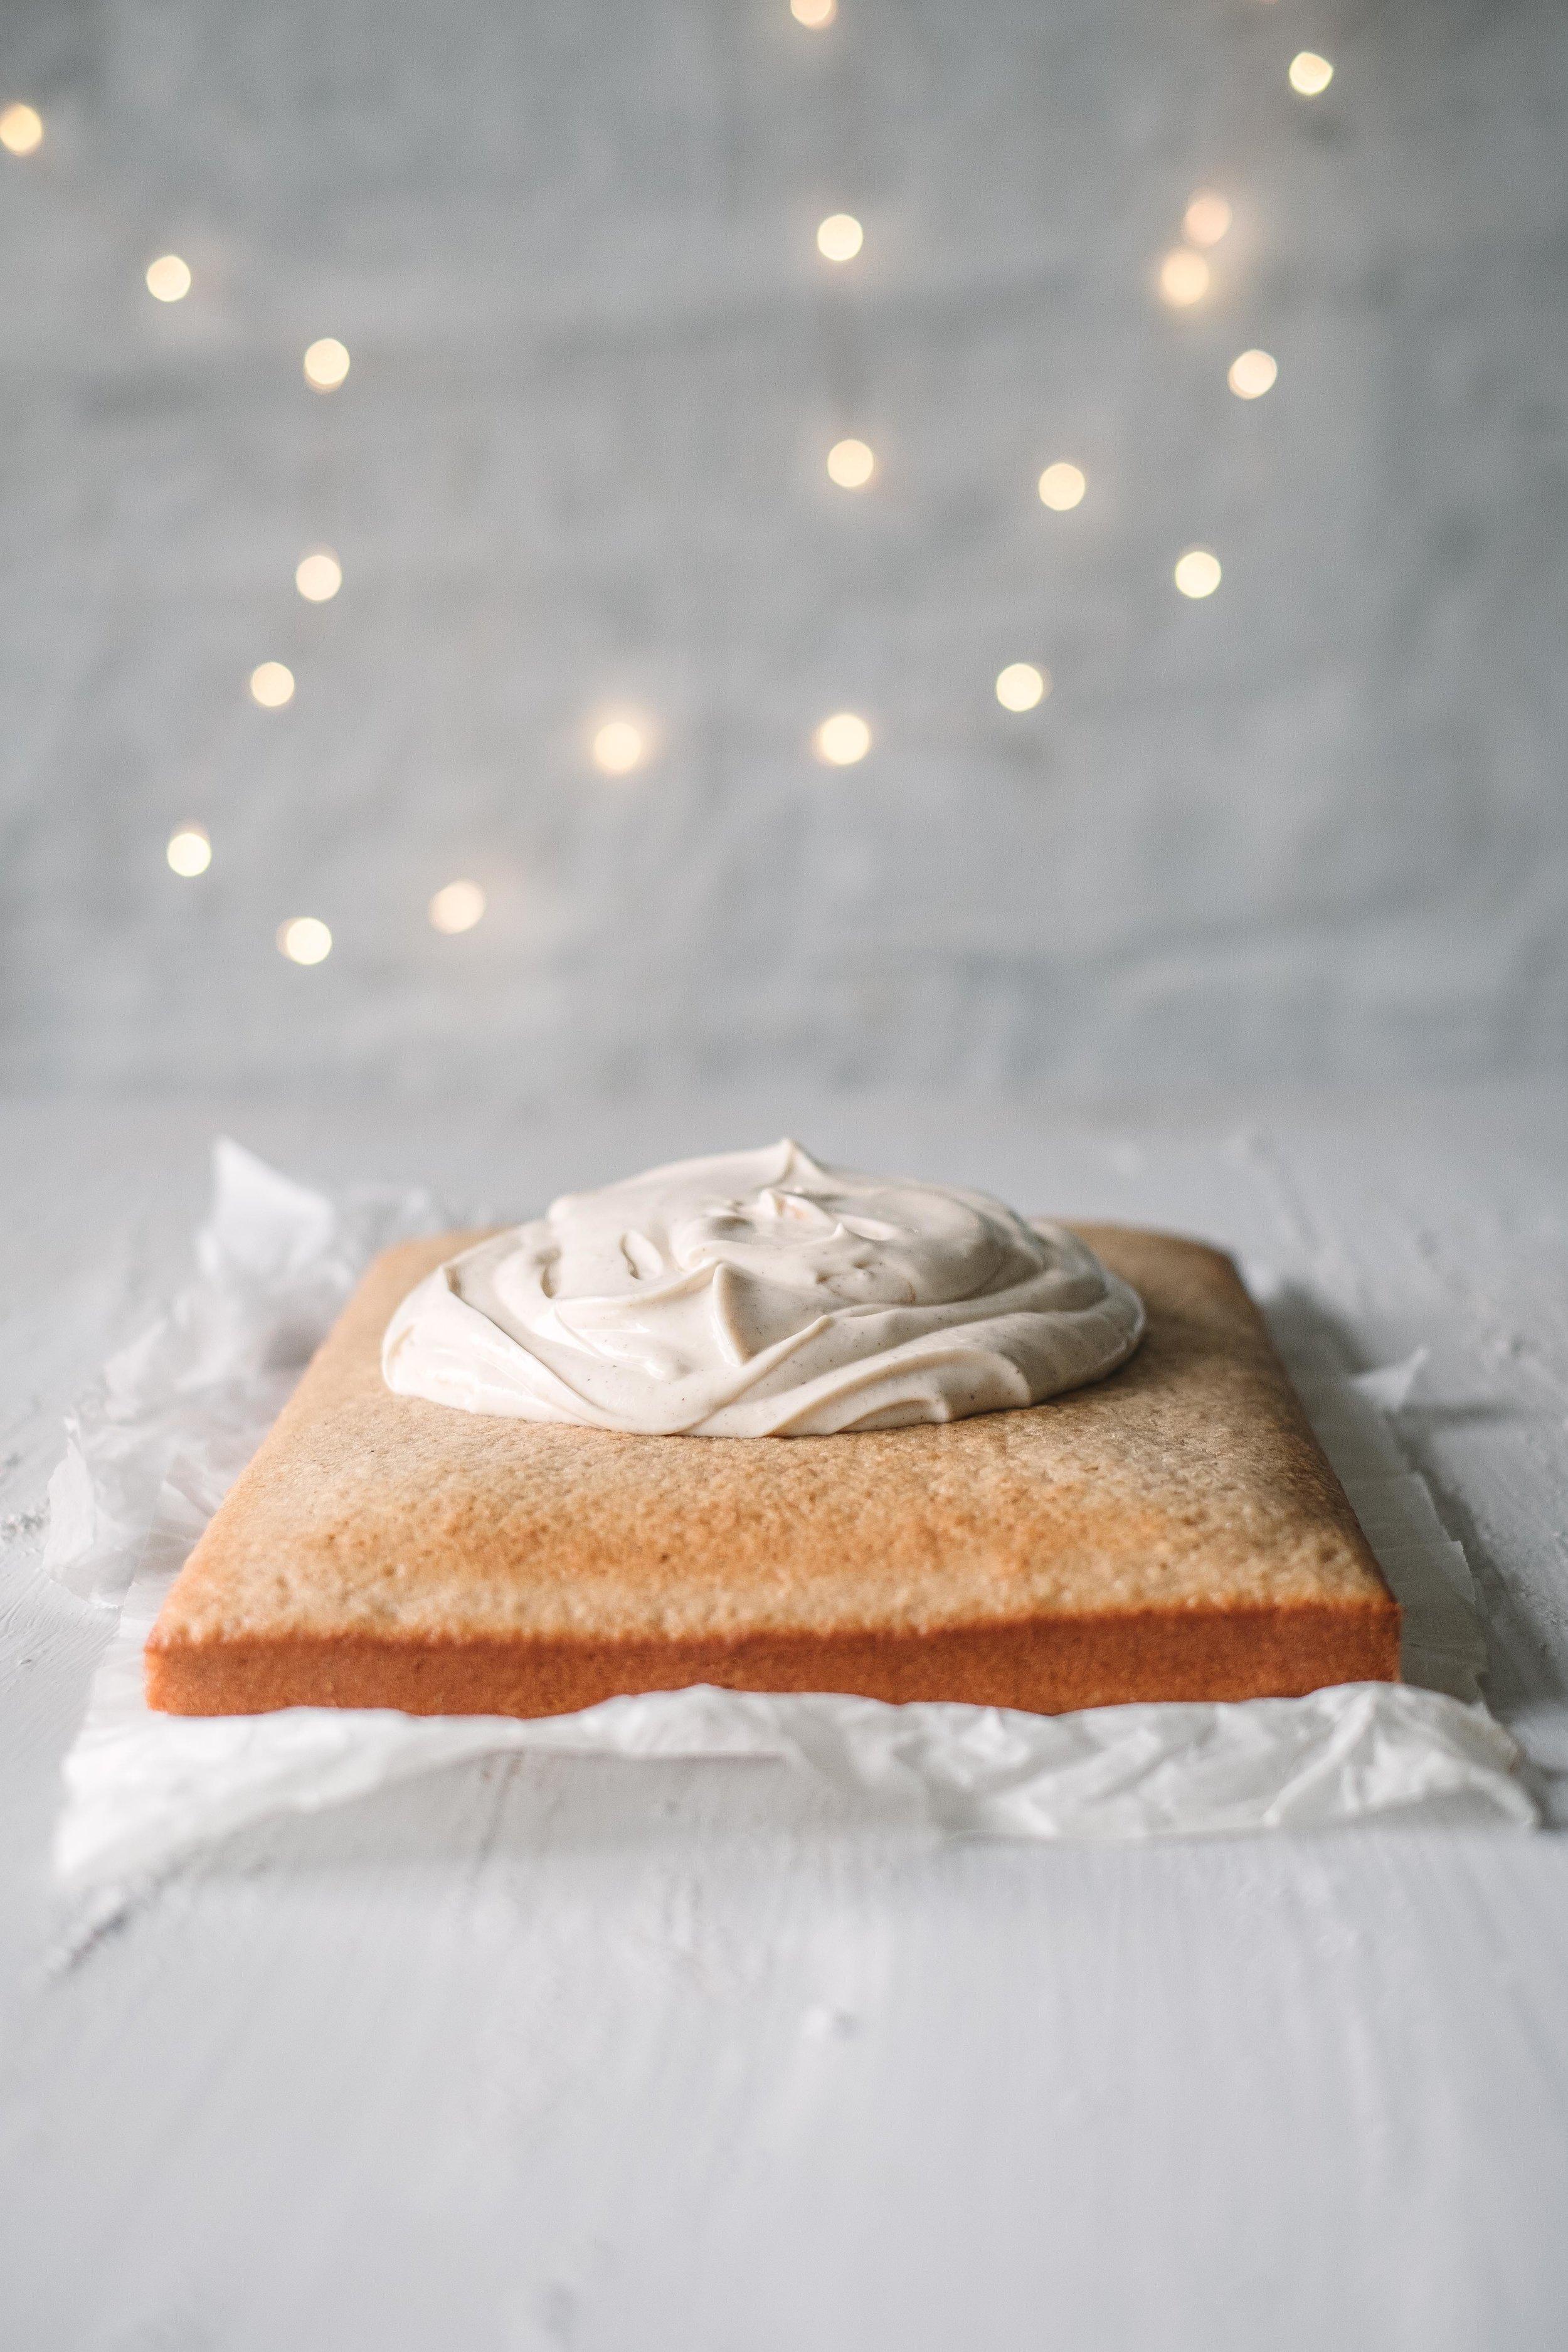 cake (1 of 6).jpg